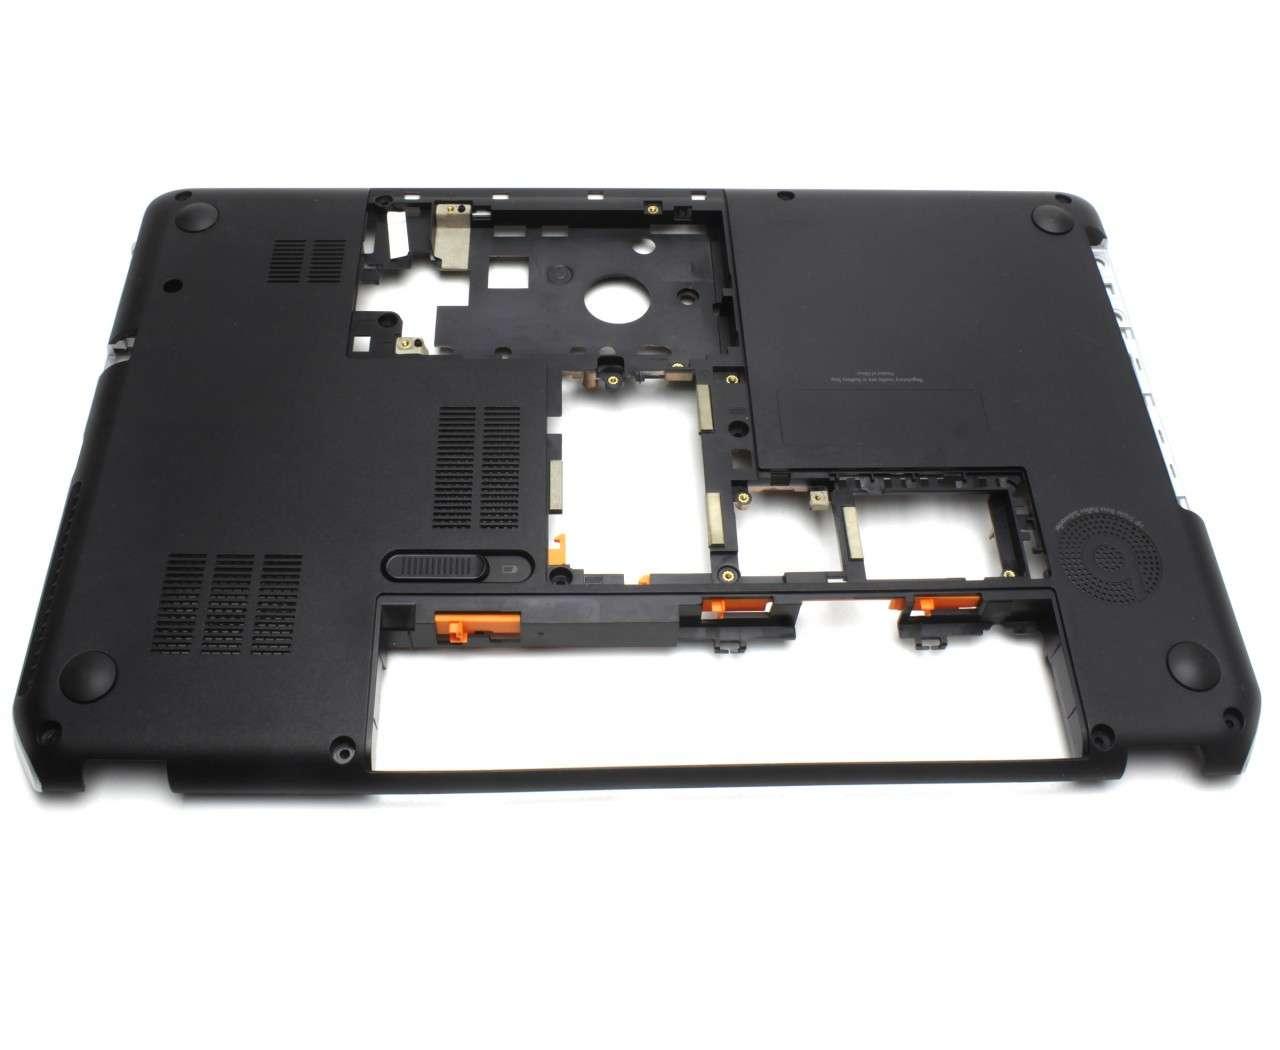 Bottom Case HP 707886 001 Carcasa Inferioara Neagra imagine powerlaptop.ro 2021